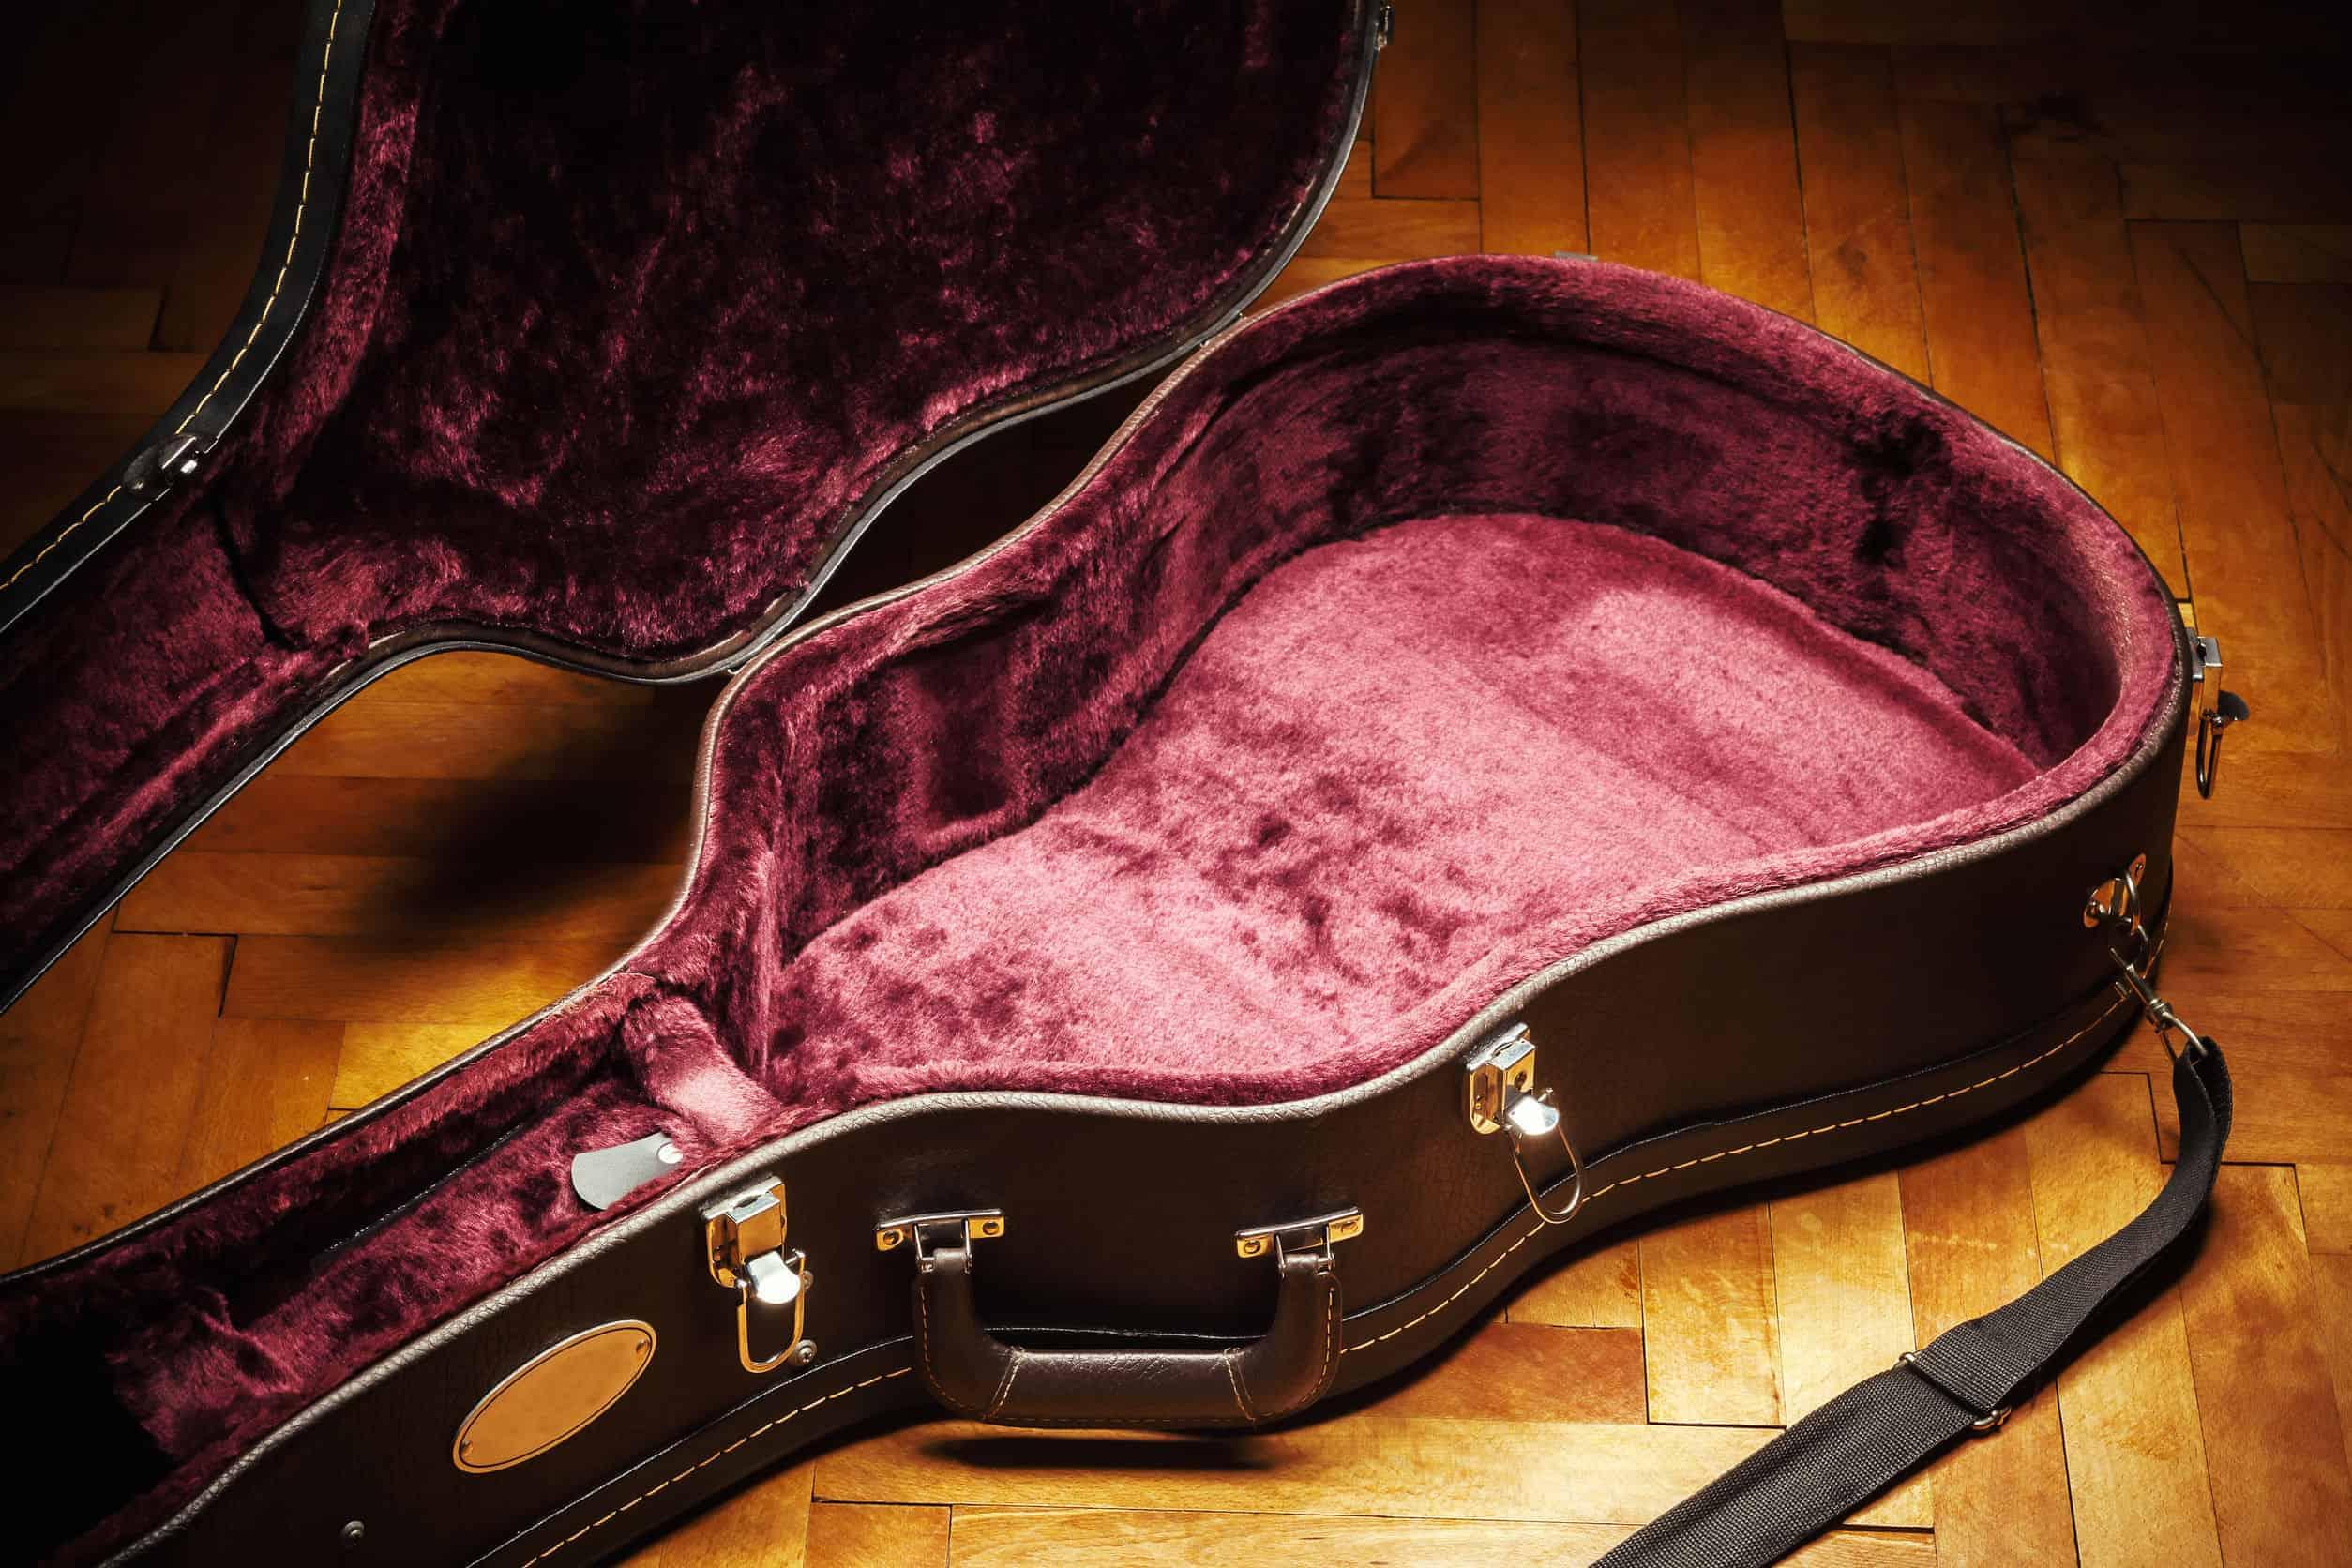 Gitarrentasche: Test & Empfehlungen (04/21)